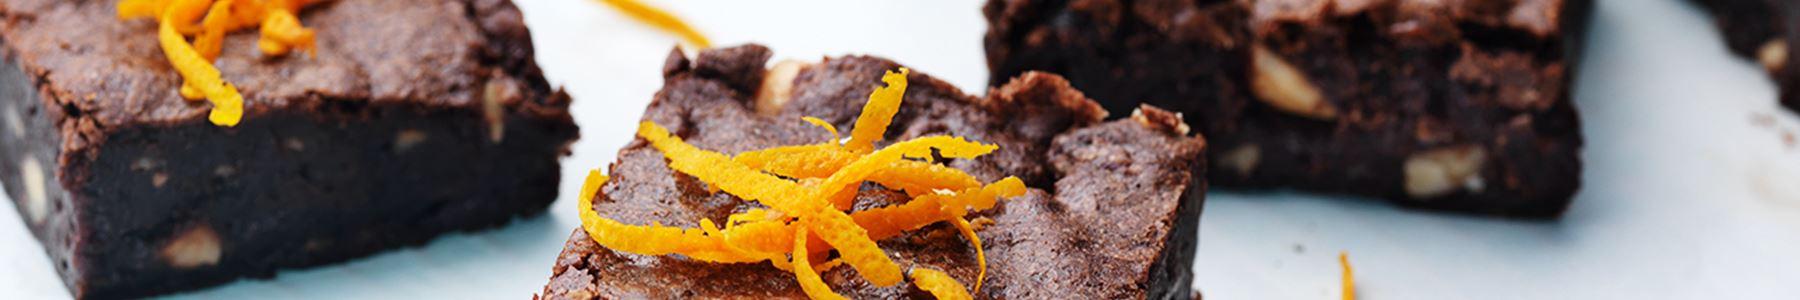 Fika + Bröd + Brownie